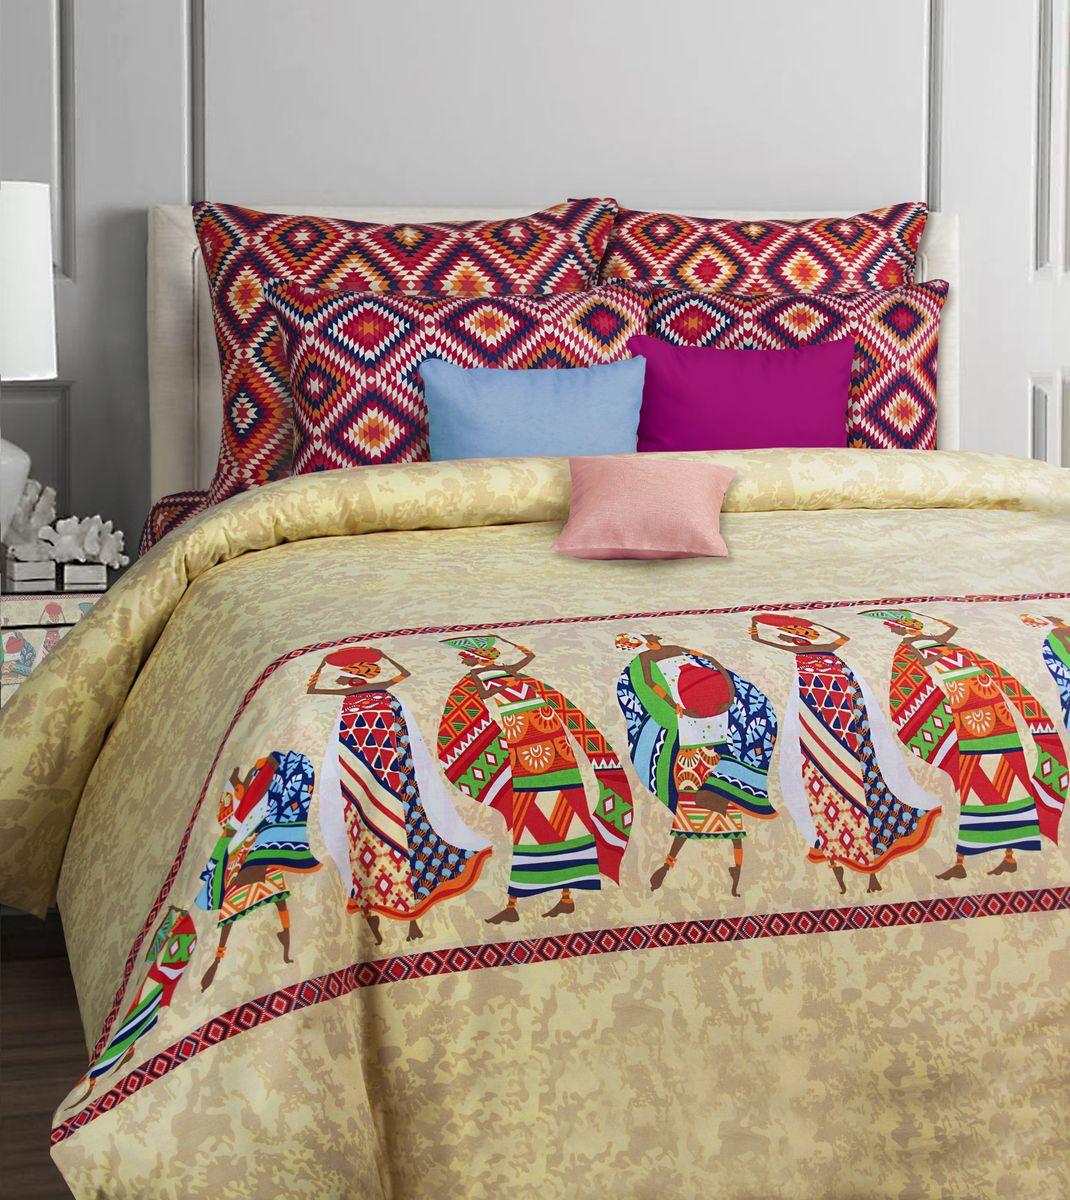 Комплект постельного белья Mona Liza Classik. Afrika, 2-спальный, наволочки 70х70, бязь552203/44Коллекция постельного белья MONA LIZA Classic поражает многообразием дизайнов. Среди них легко подобрать необходимый рисунок, который создаст в доме уют. Комплекты выполнены из бязи 100 % хлопка.